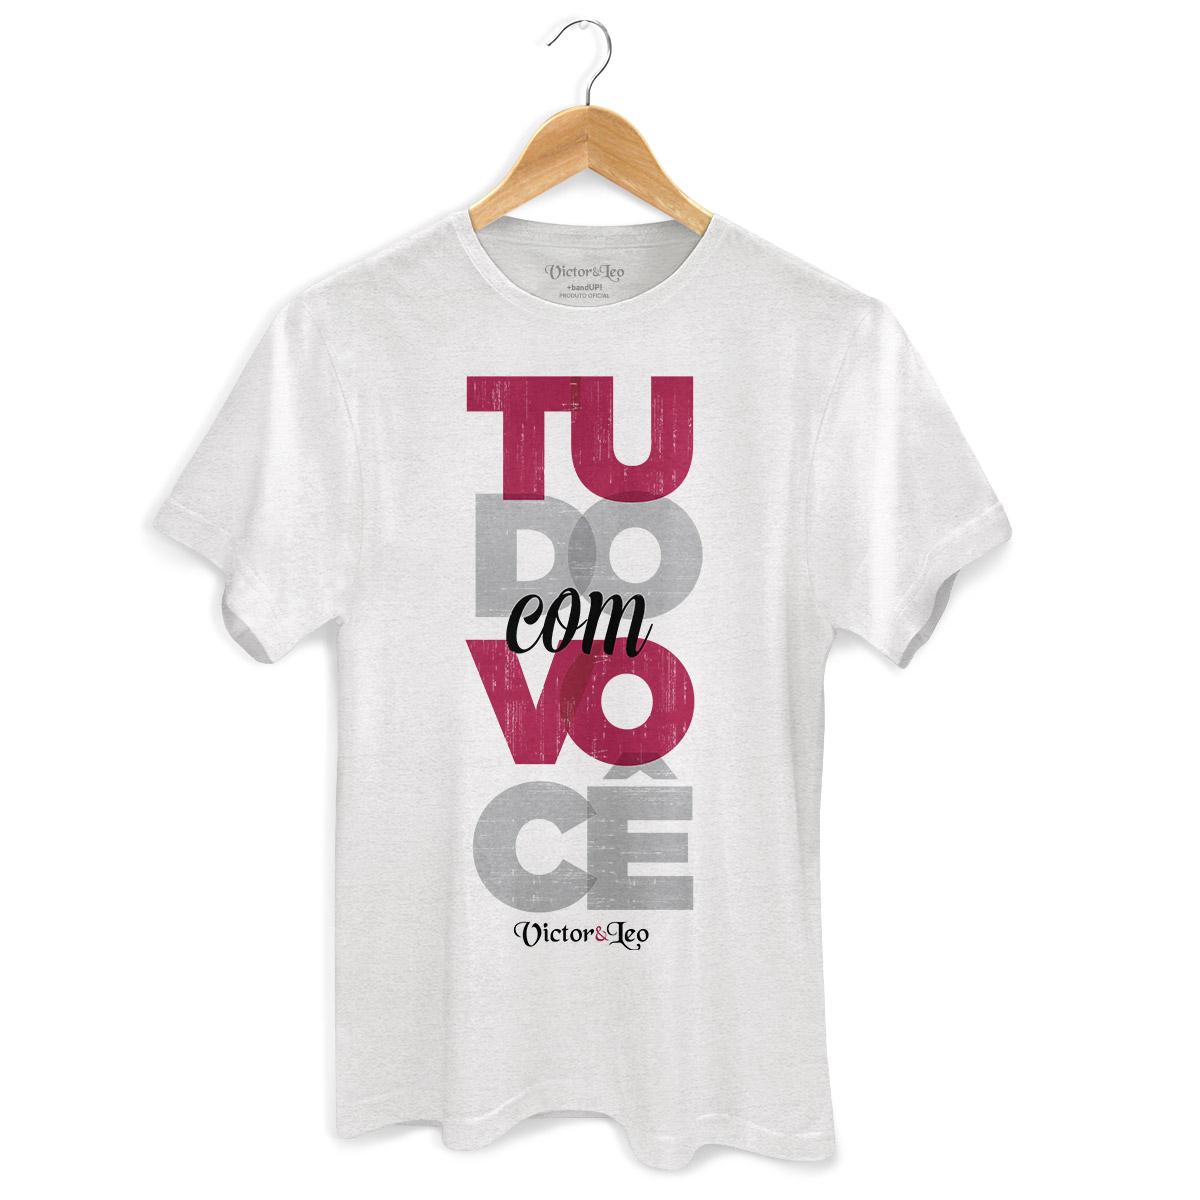 Camiseta Masculina Victor & Leo Tudo Com Você